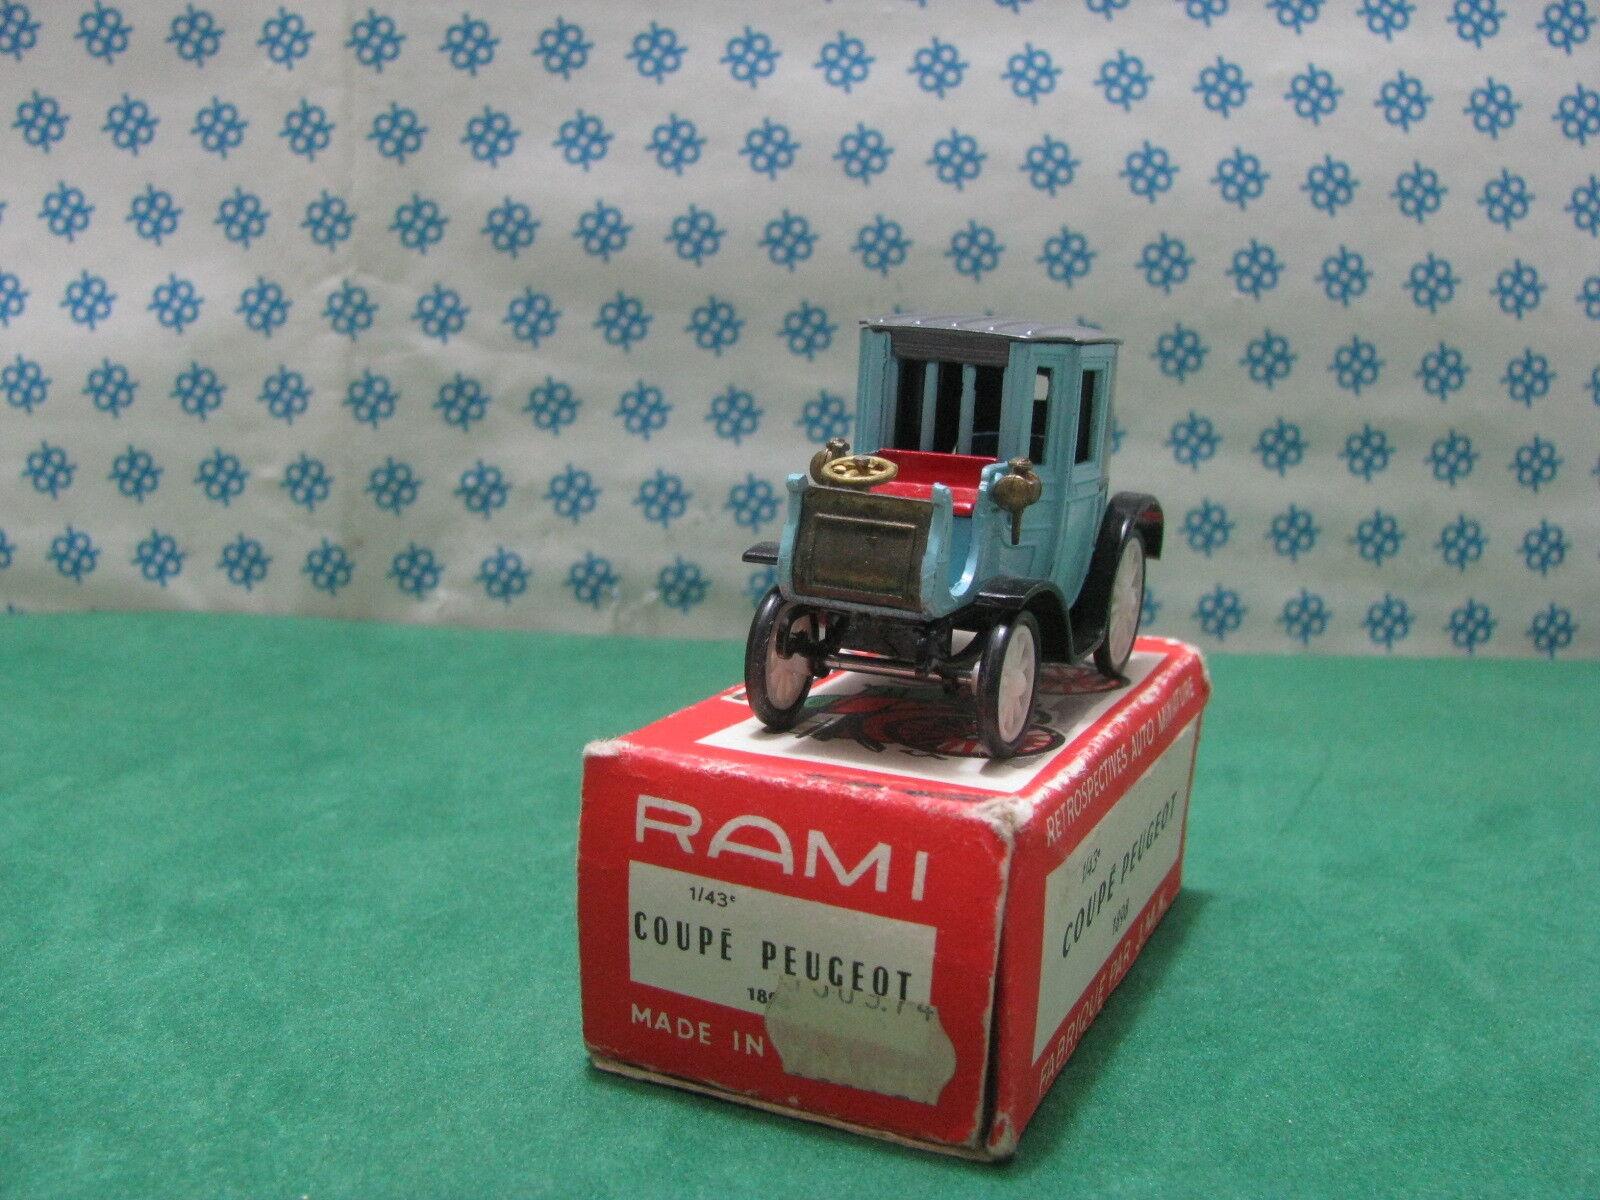 Vintage Rami - Peugeot Coupé 1898 - 1 43 France